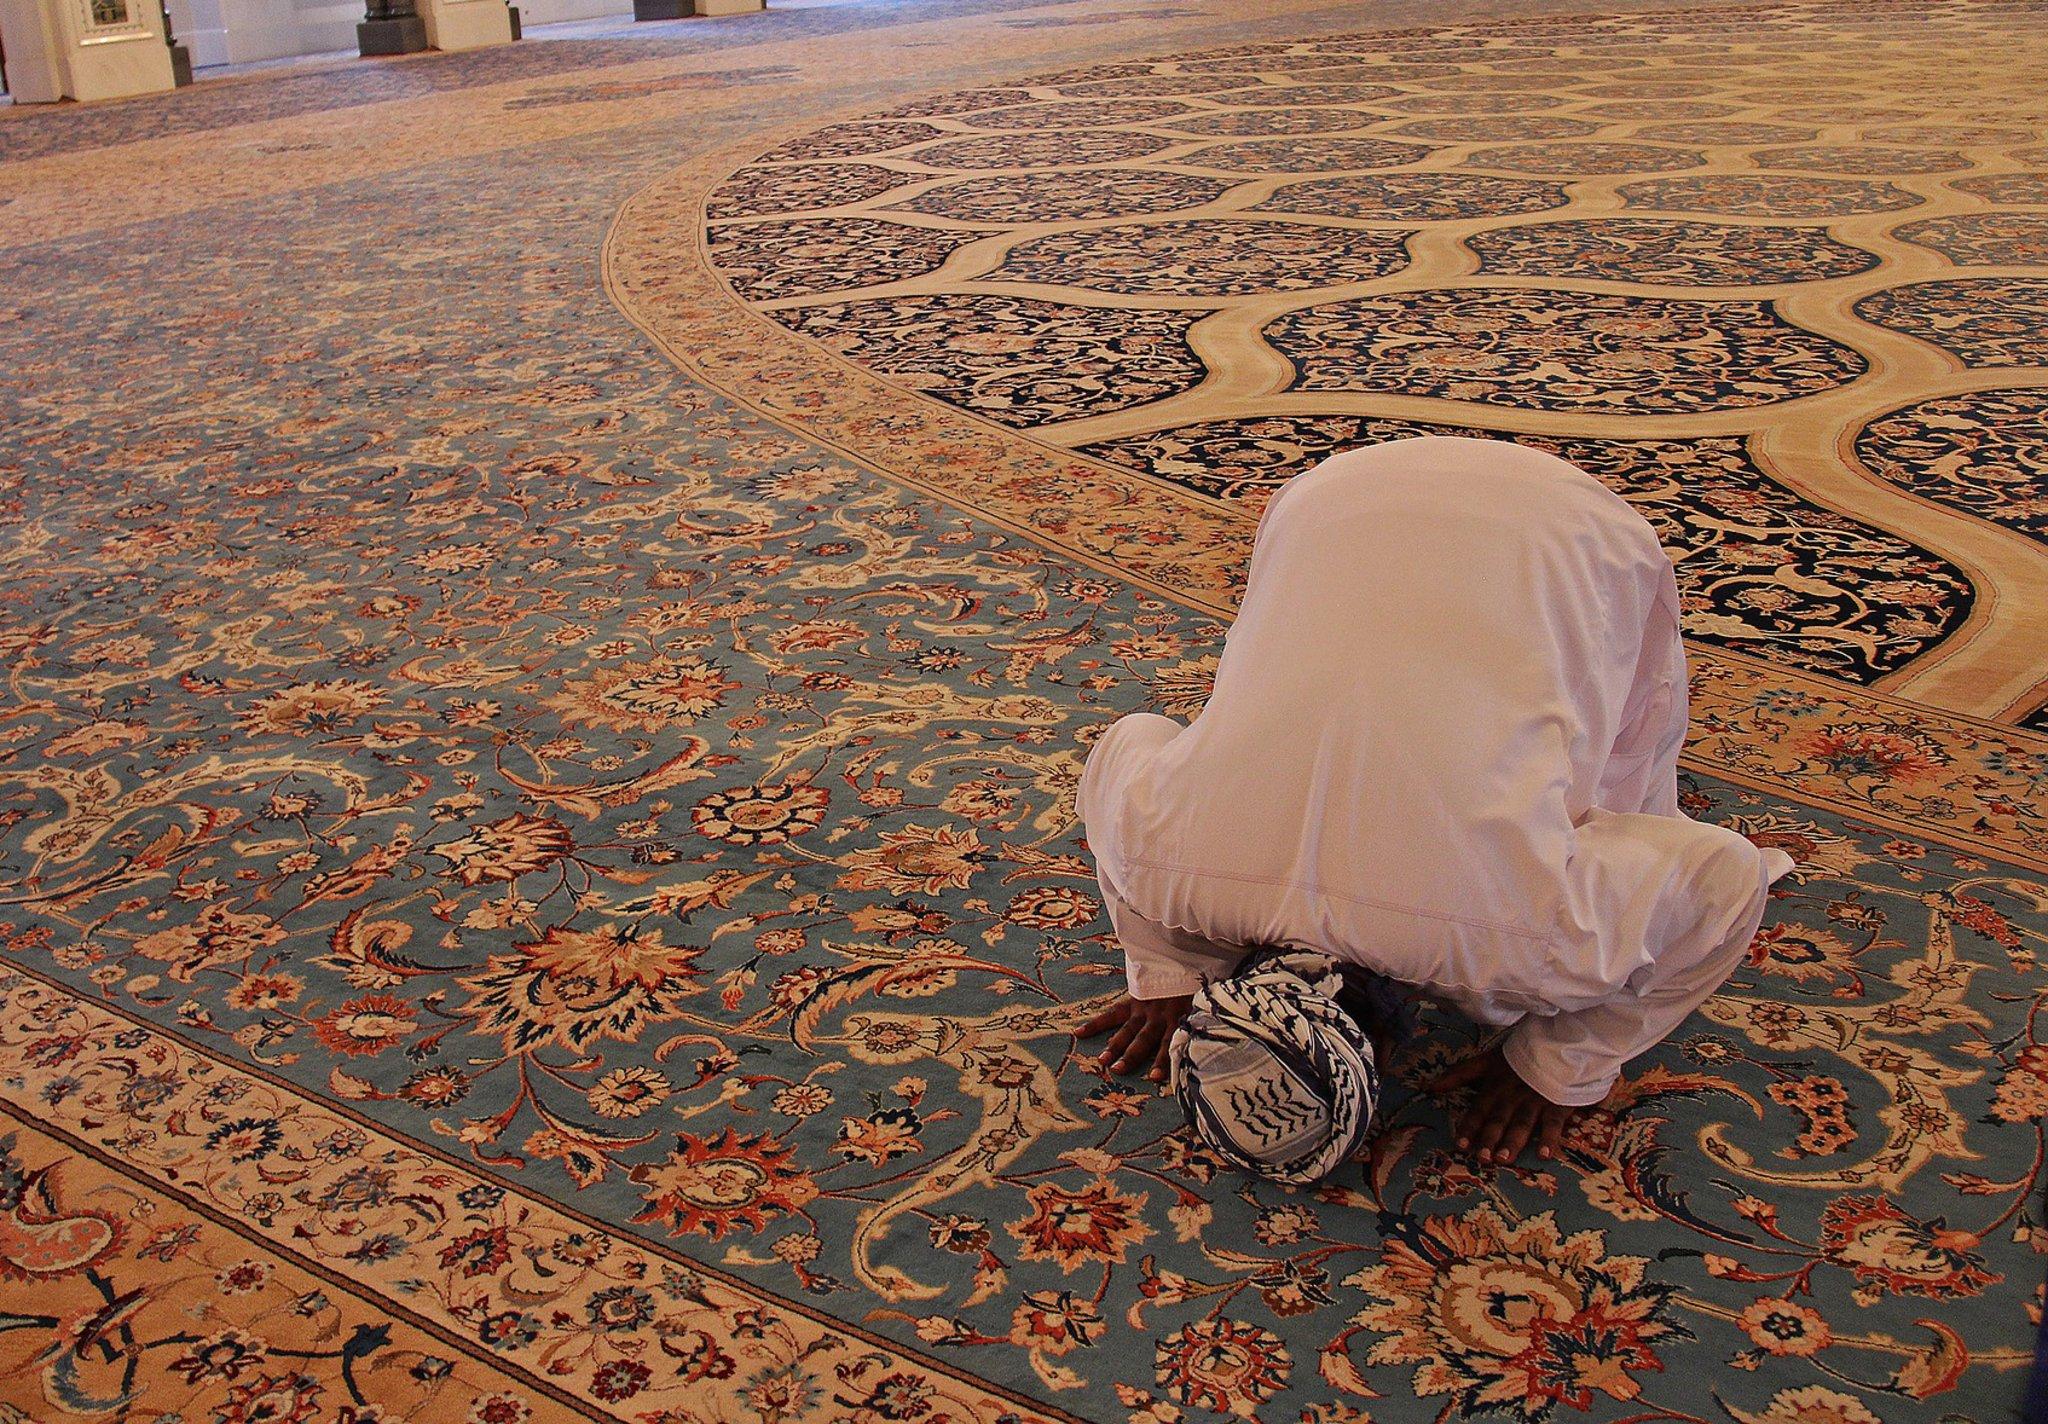 Austausch in Hildener Emir-Sultan-Moschee: Interreligiöser Dialog - Lokalkompass.de